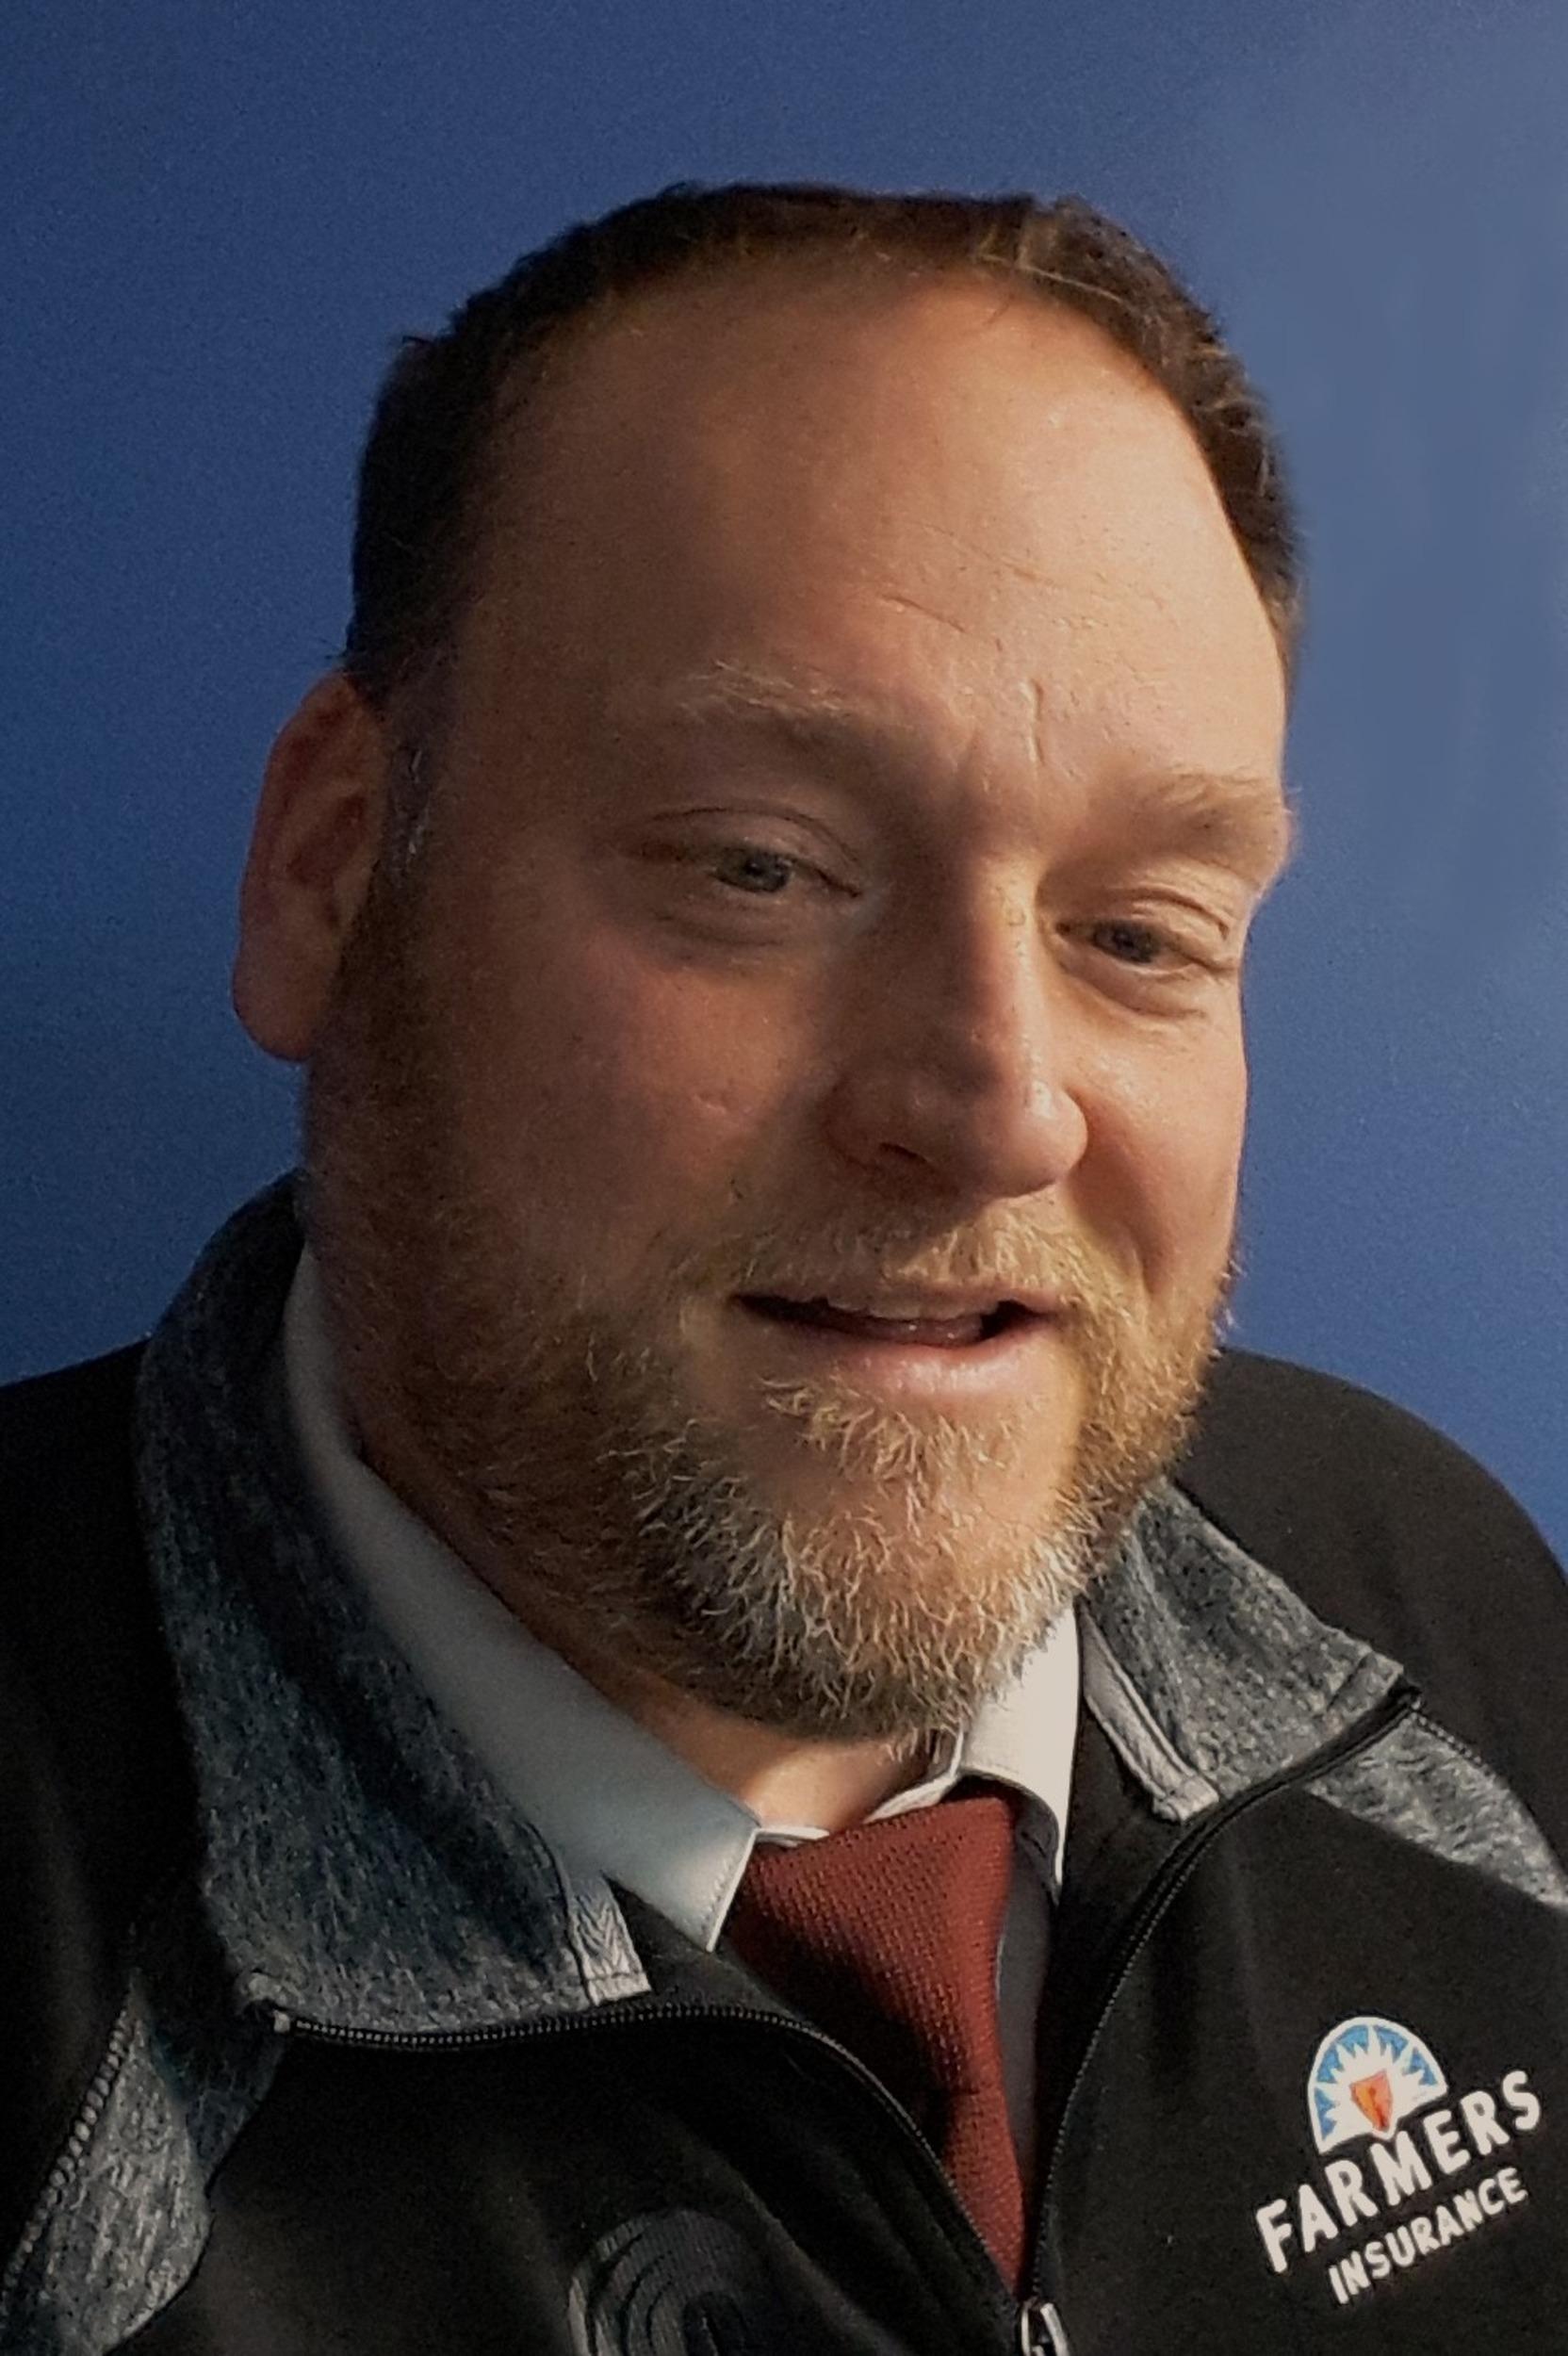 Edward Wilkins - Farmers Insurance Agent in Frankfort, IL